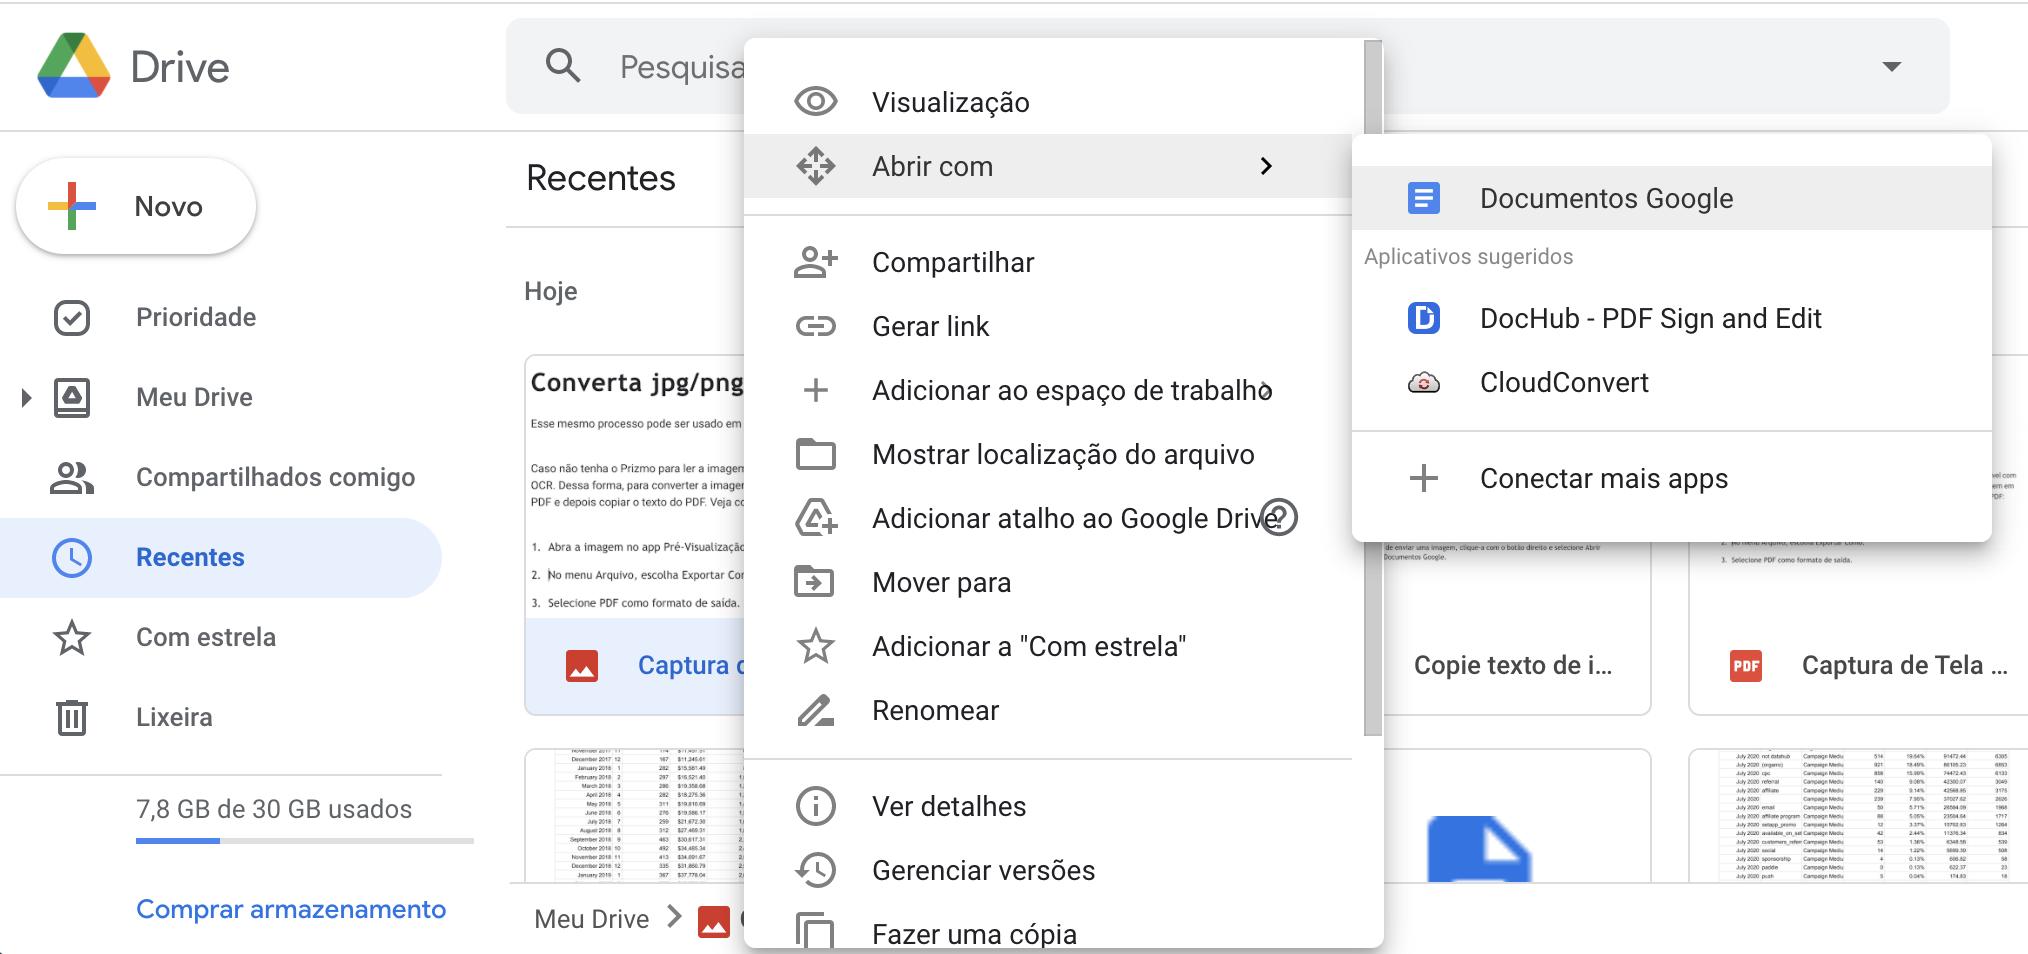 Envie a captura de tela para o Google Drive